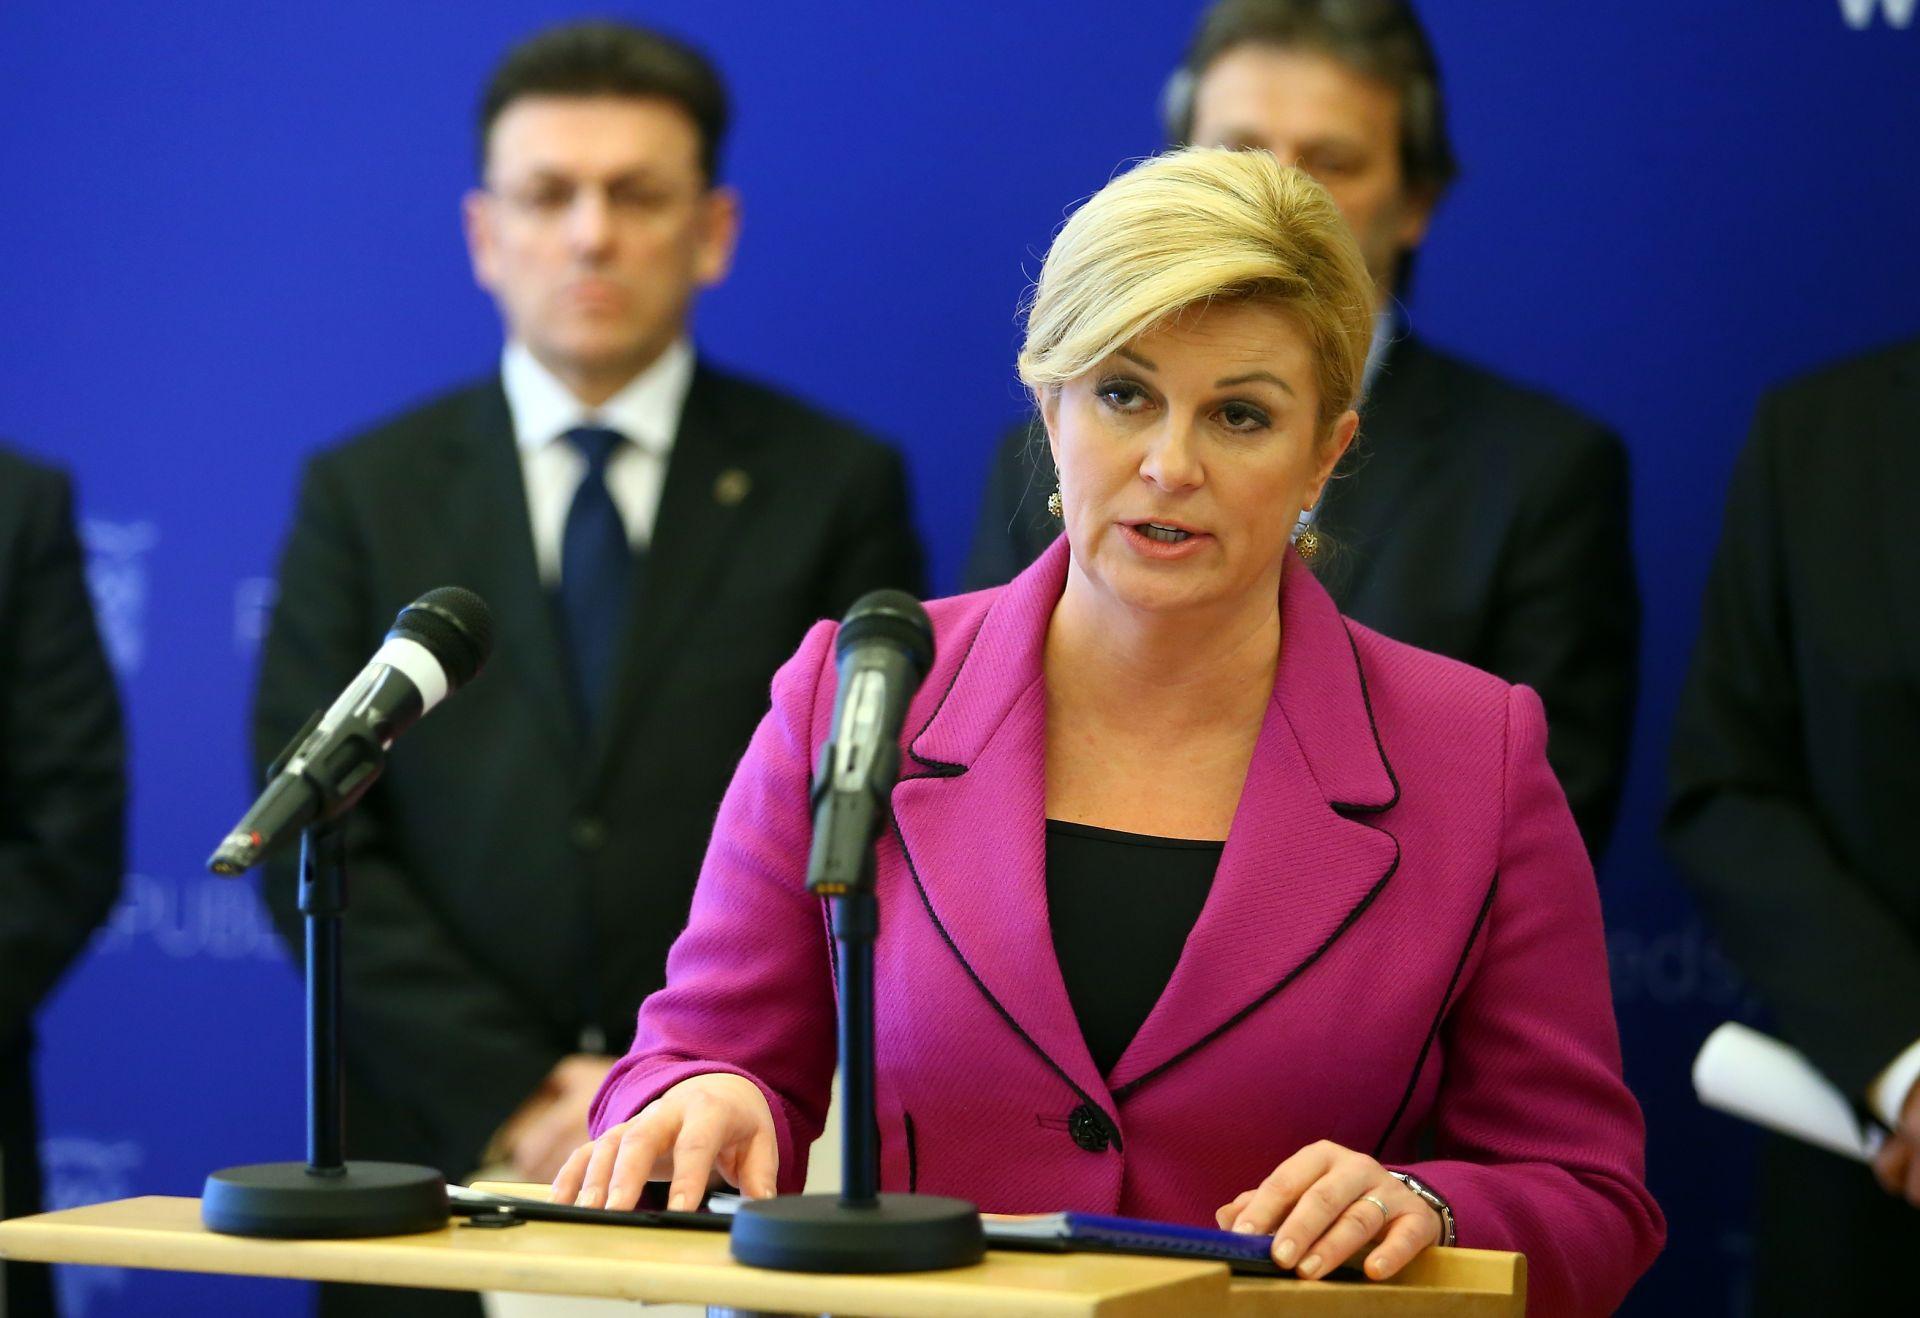 GRABAR KITAROVIĆ: 'Energetika mora ostati u hrvatskim rukama, priče o vojnom roku su preuranjene'